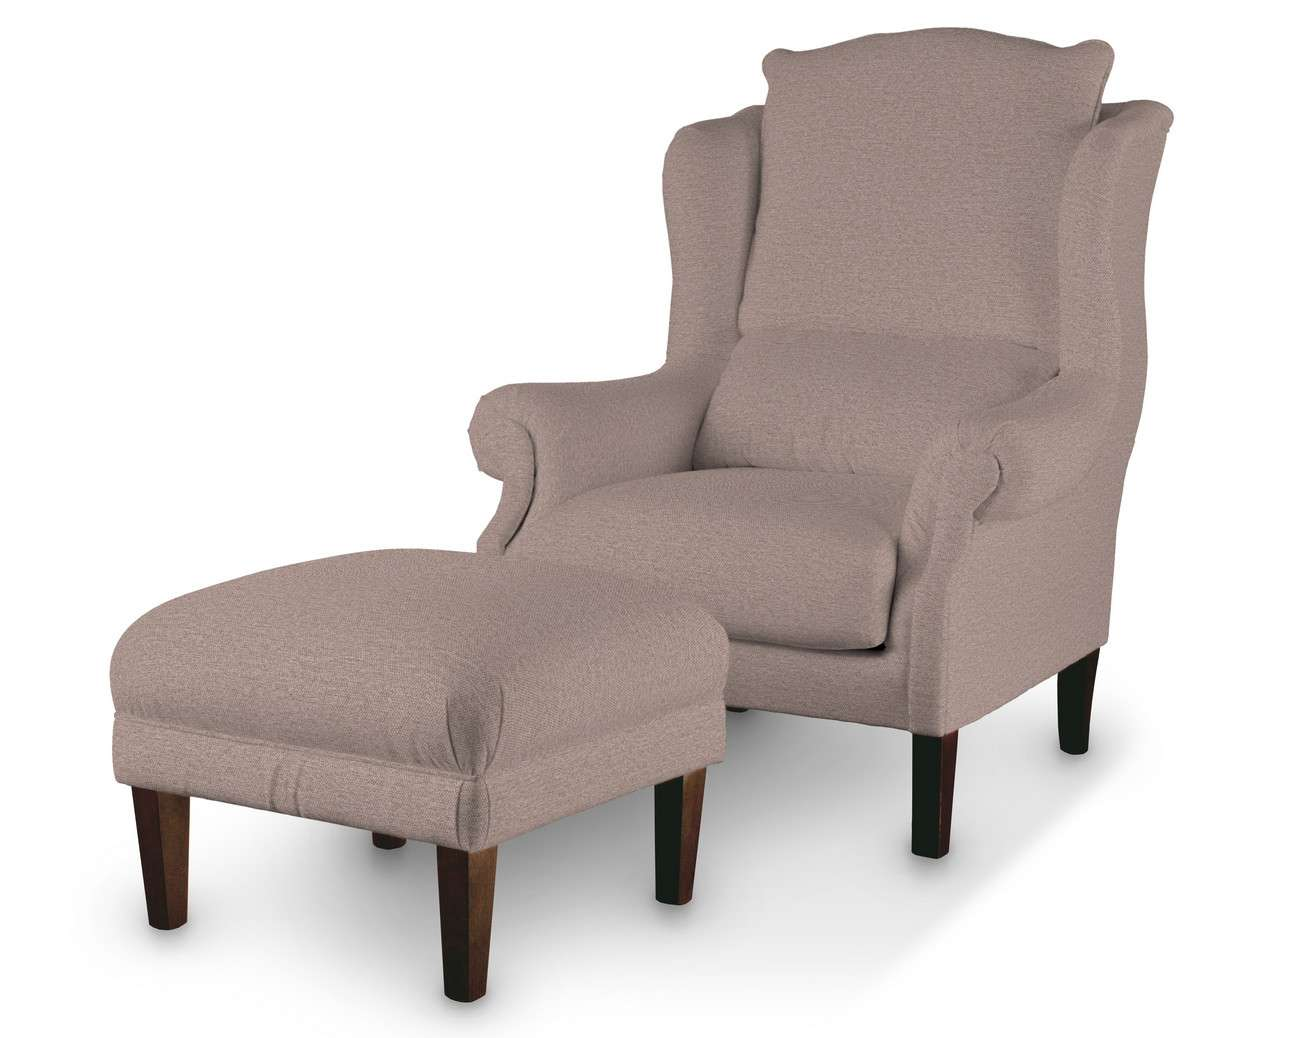 Podnóżek do fotela w kolekcji Madrid, tkanina: 161-88